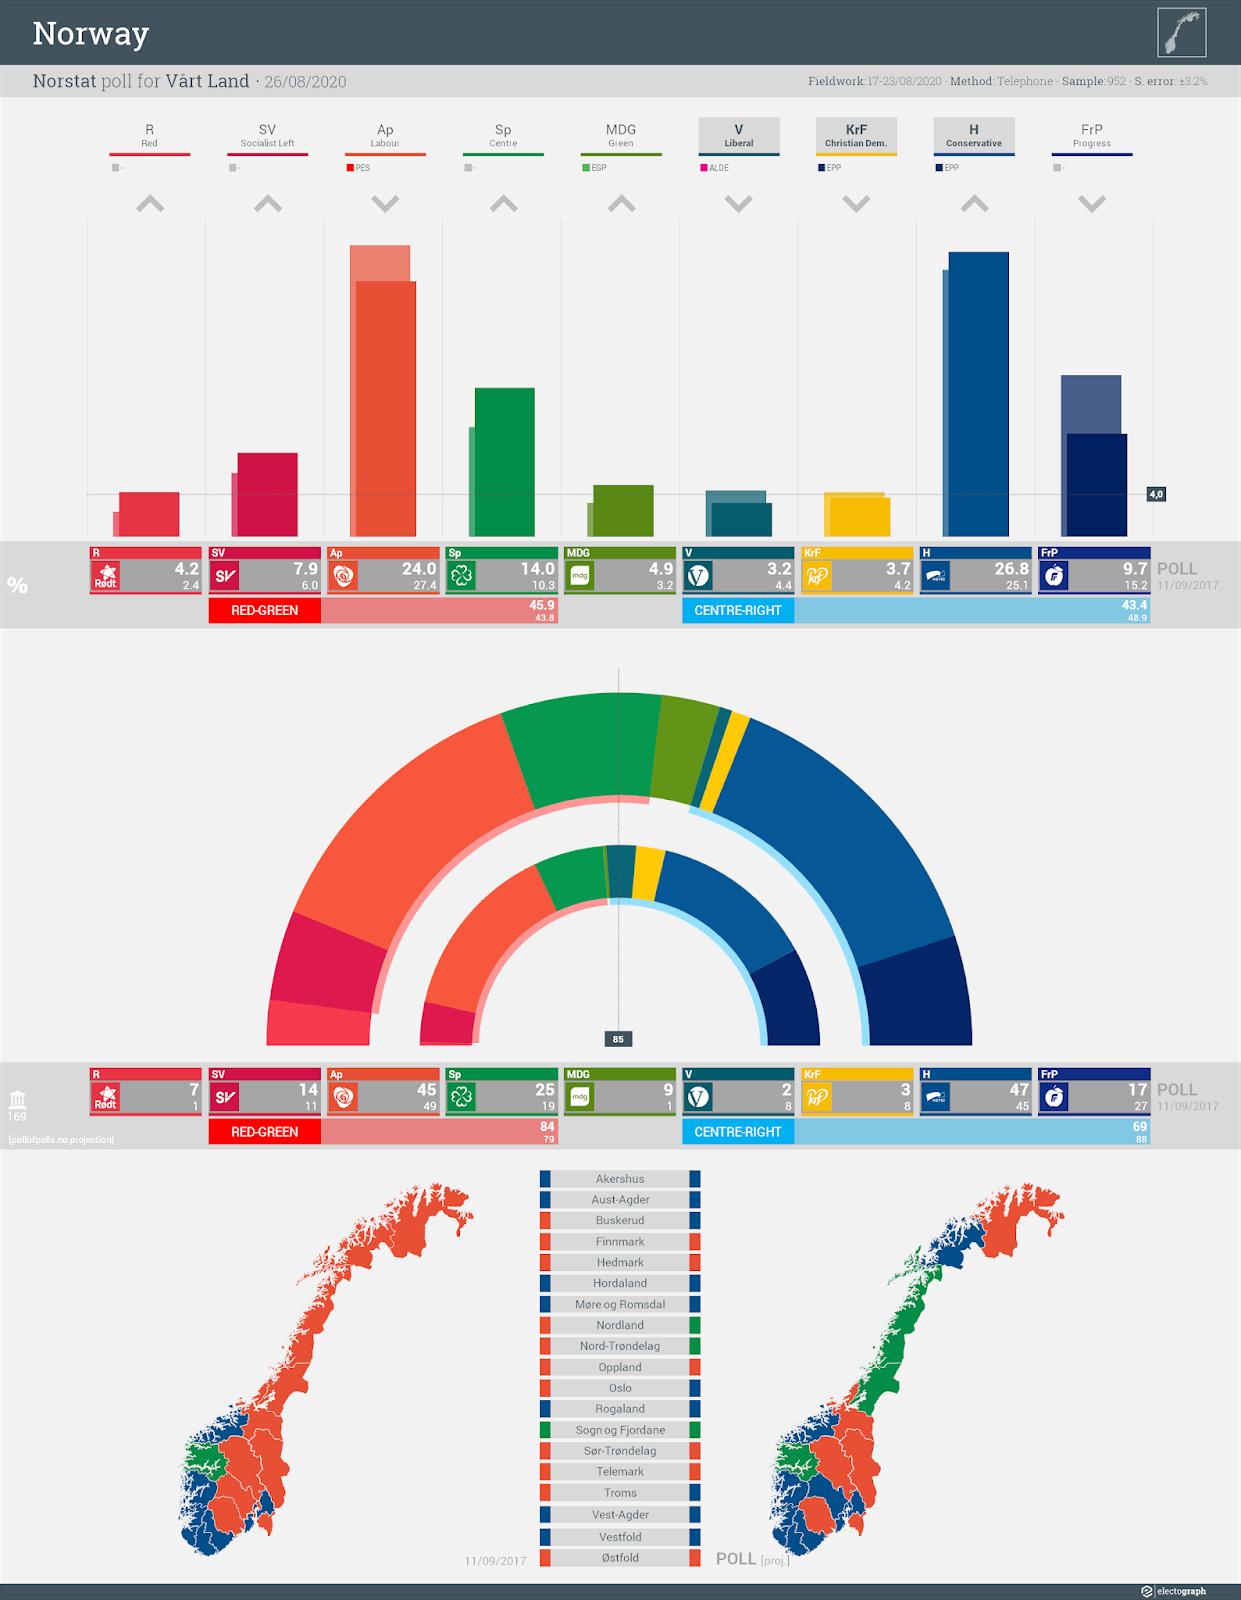 NORWAY: Norstat poll chart for Vårt Land, 26 August 2020